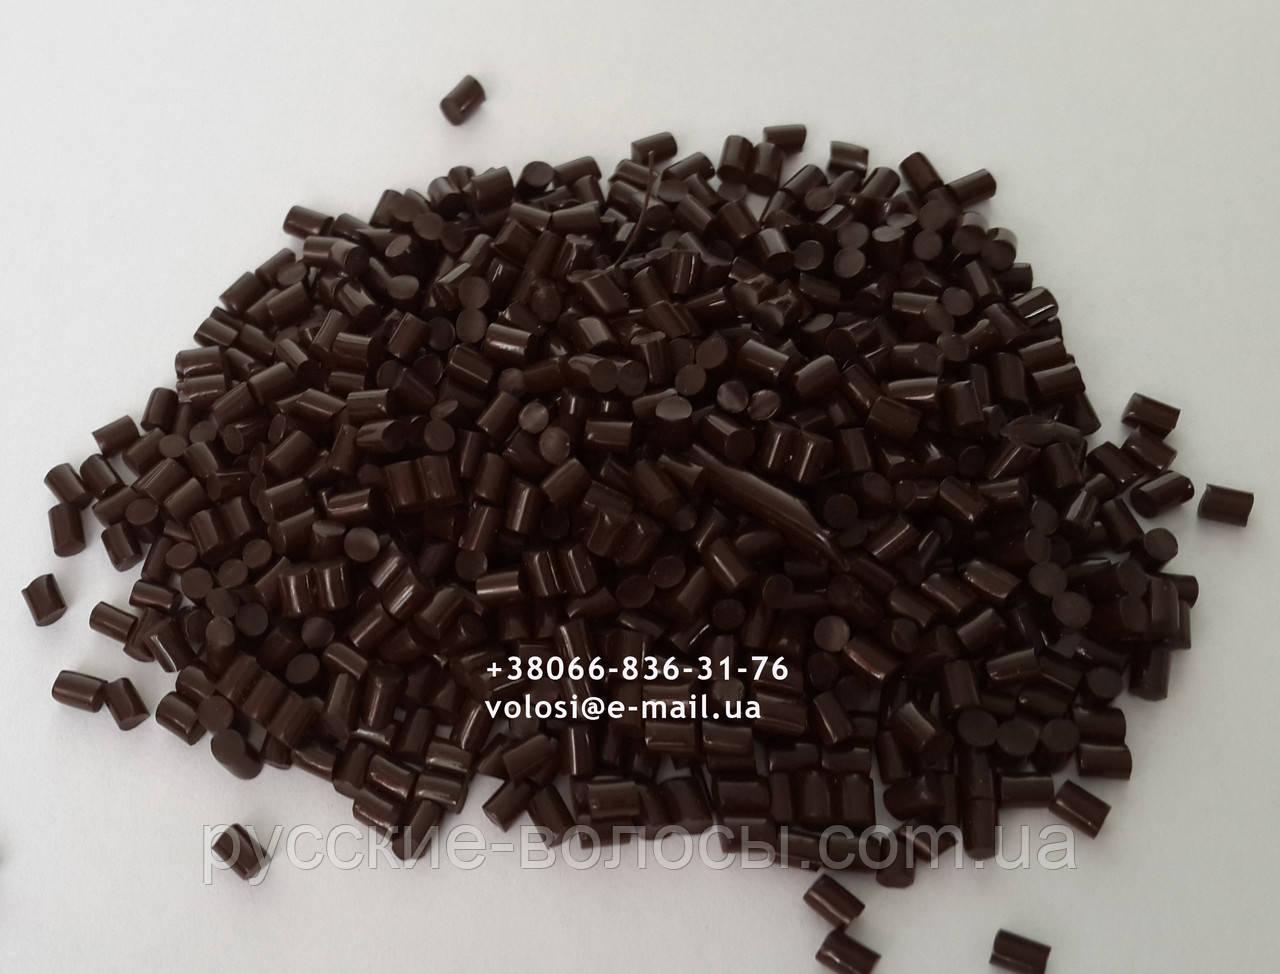 Італійський кератин коричневий для нарощування волосся 5г